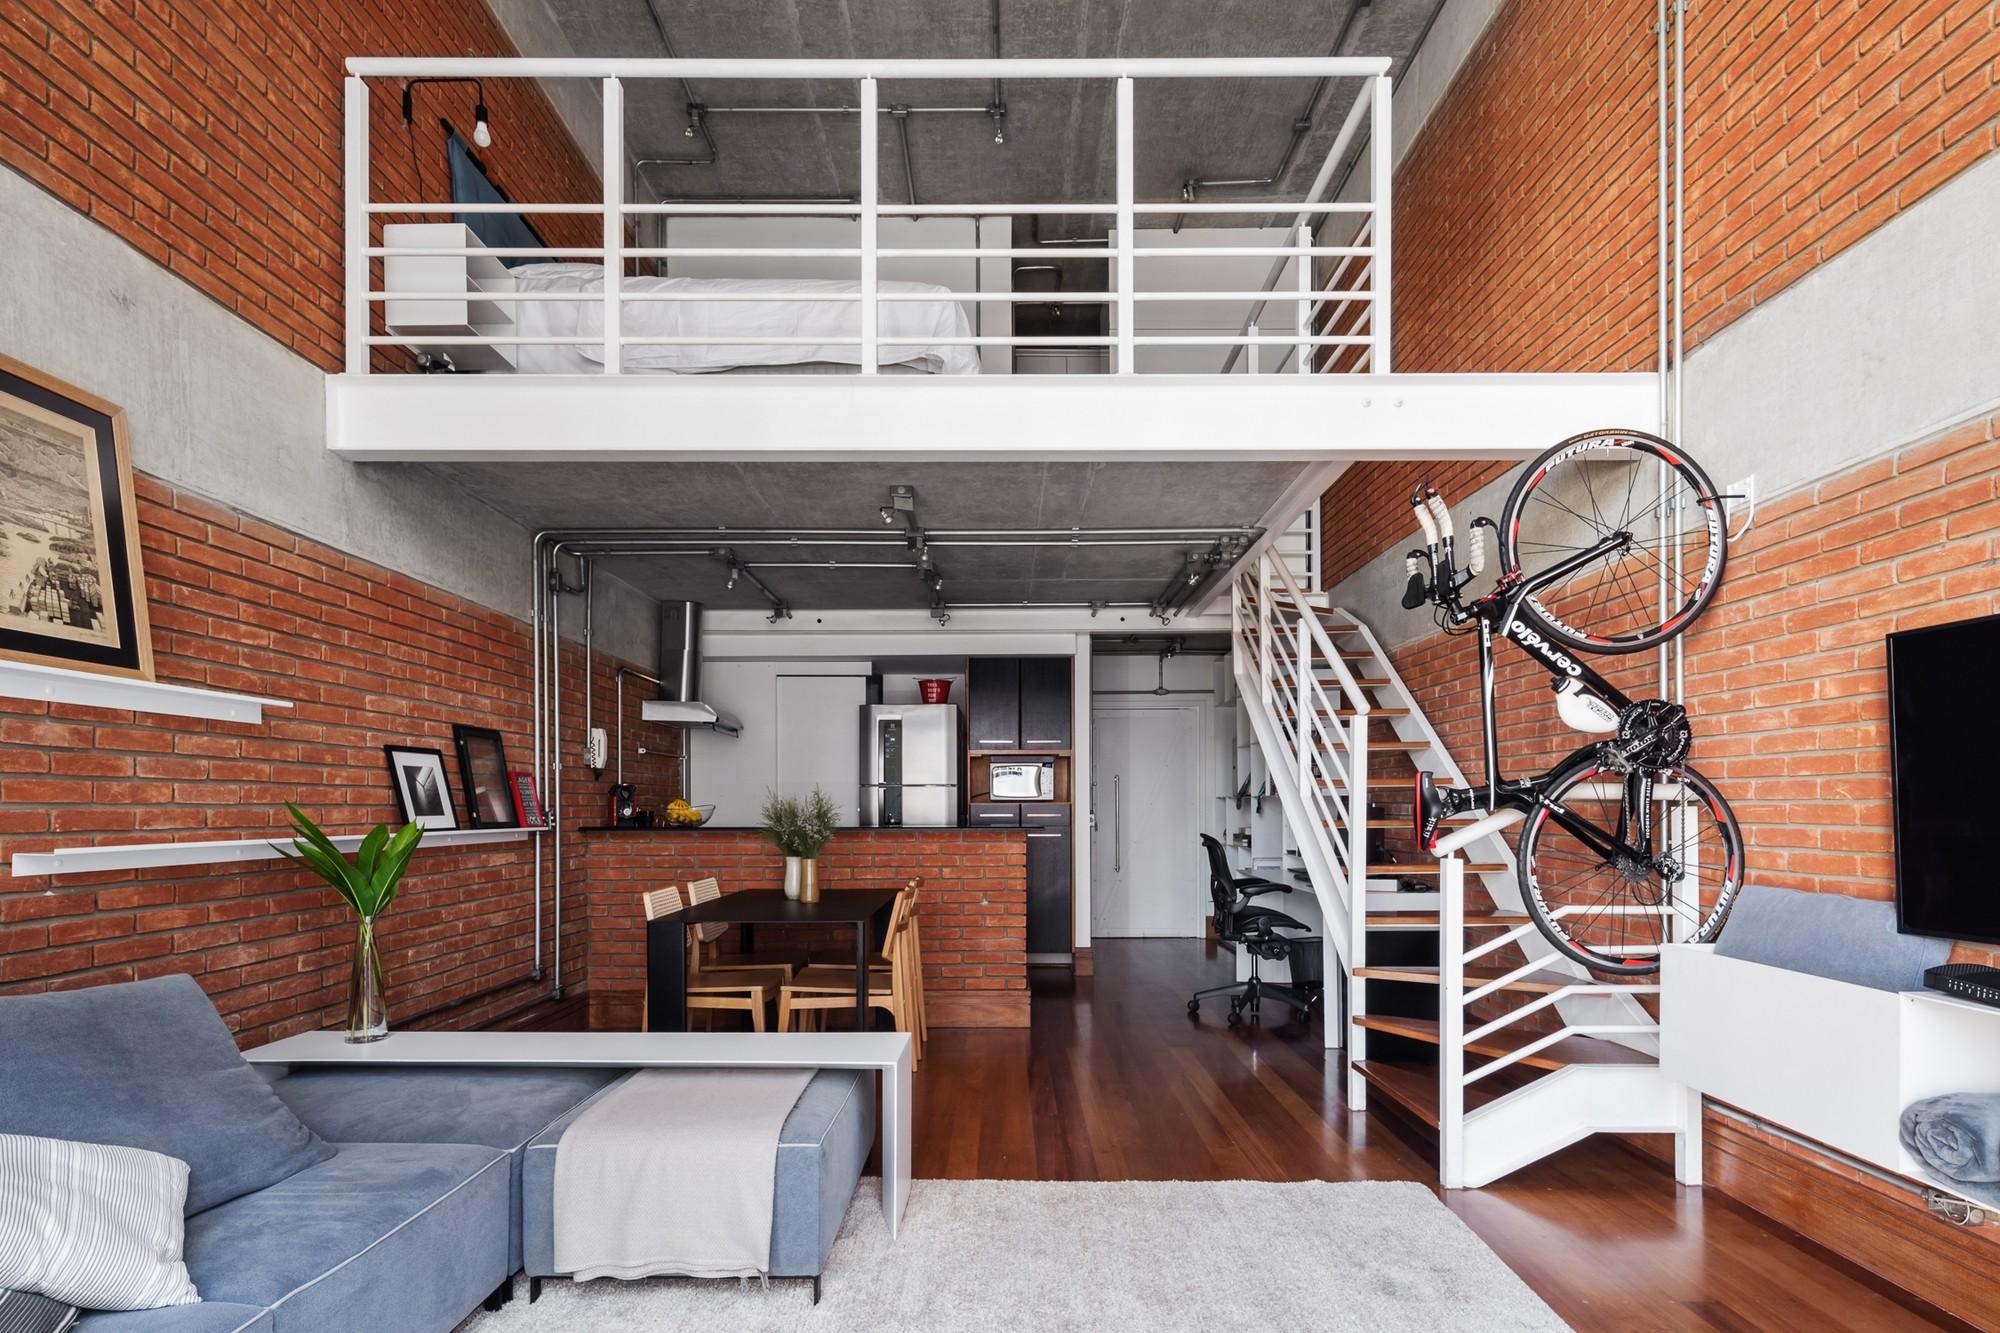 Apartamento para solteiro: inspire-se com x ideias de decoração (Foto: Ana Mello/Divulgação)